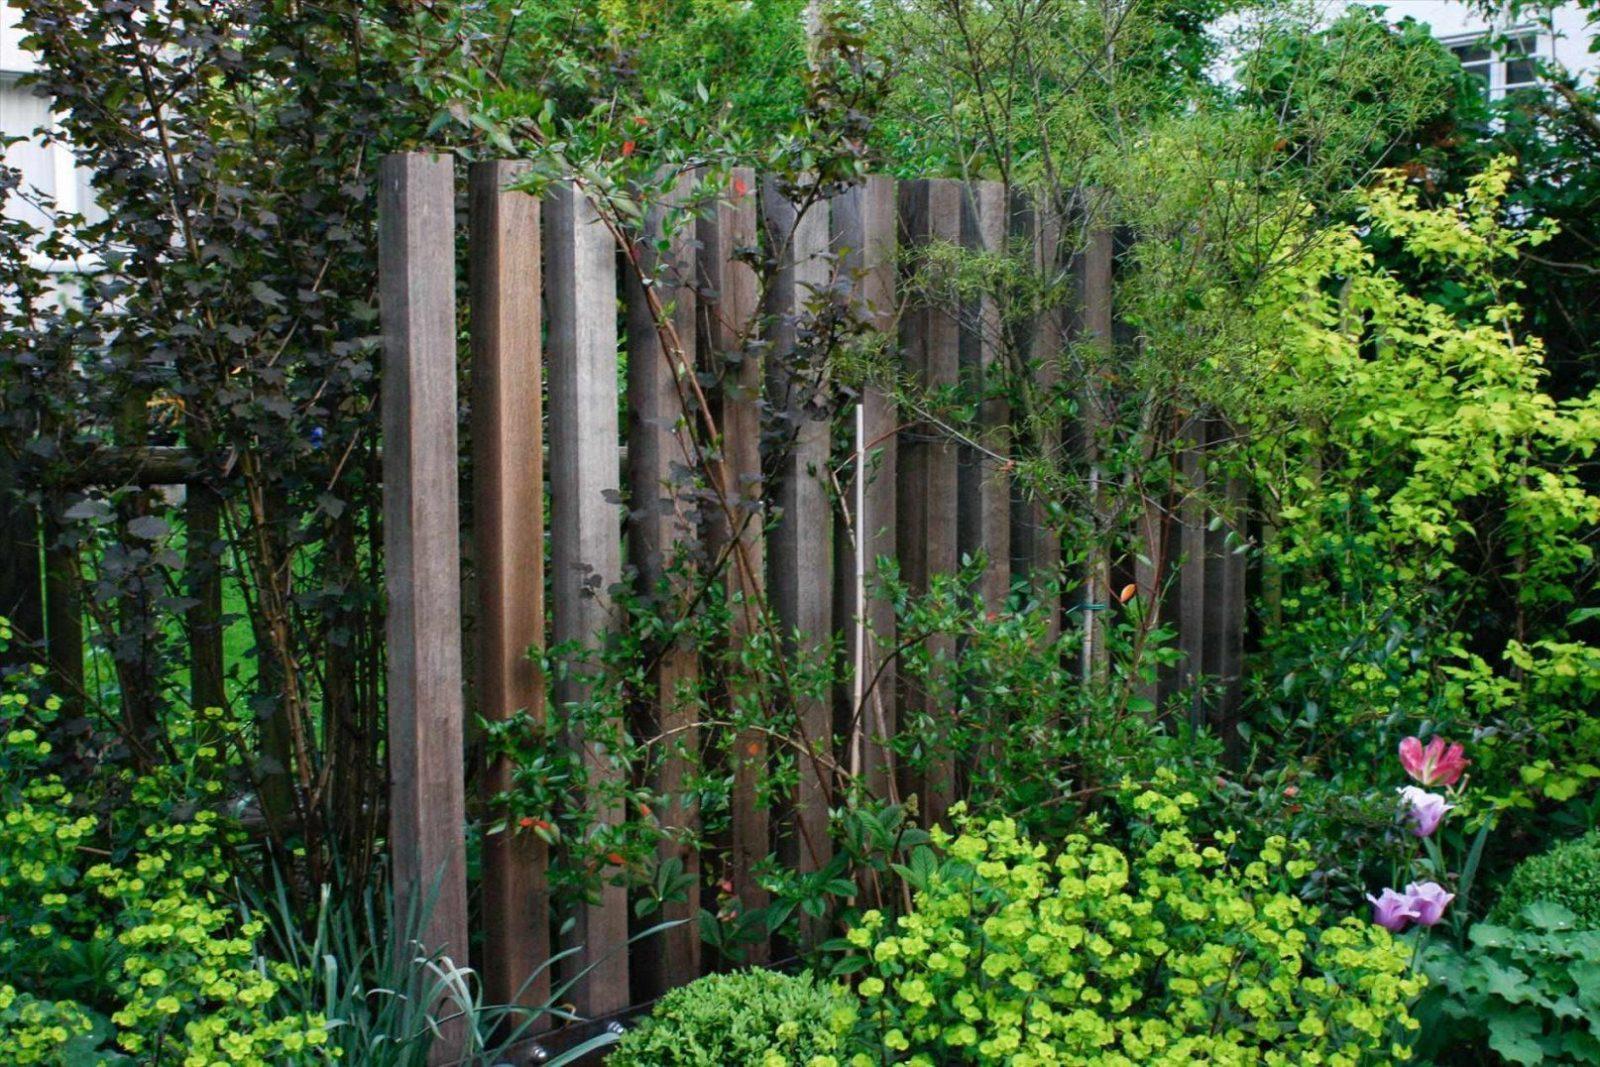 Sichtschutz Garten Selber Bauen Full Size Of Inspiration Fr Tolles von Sichtschutz Weide Selber Bauen Bild